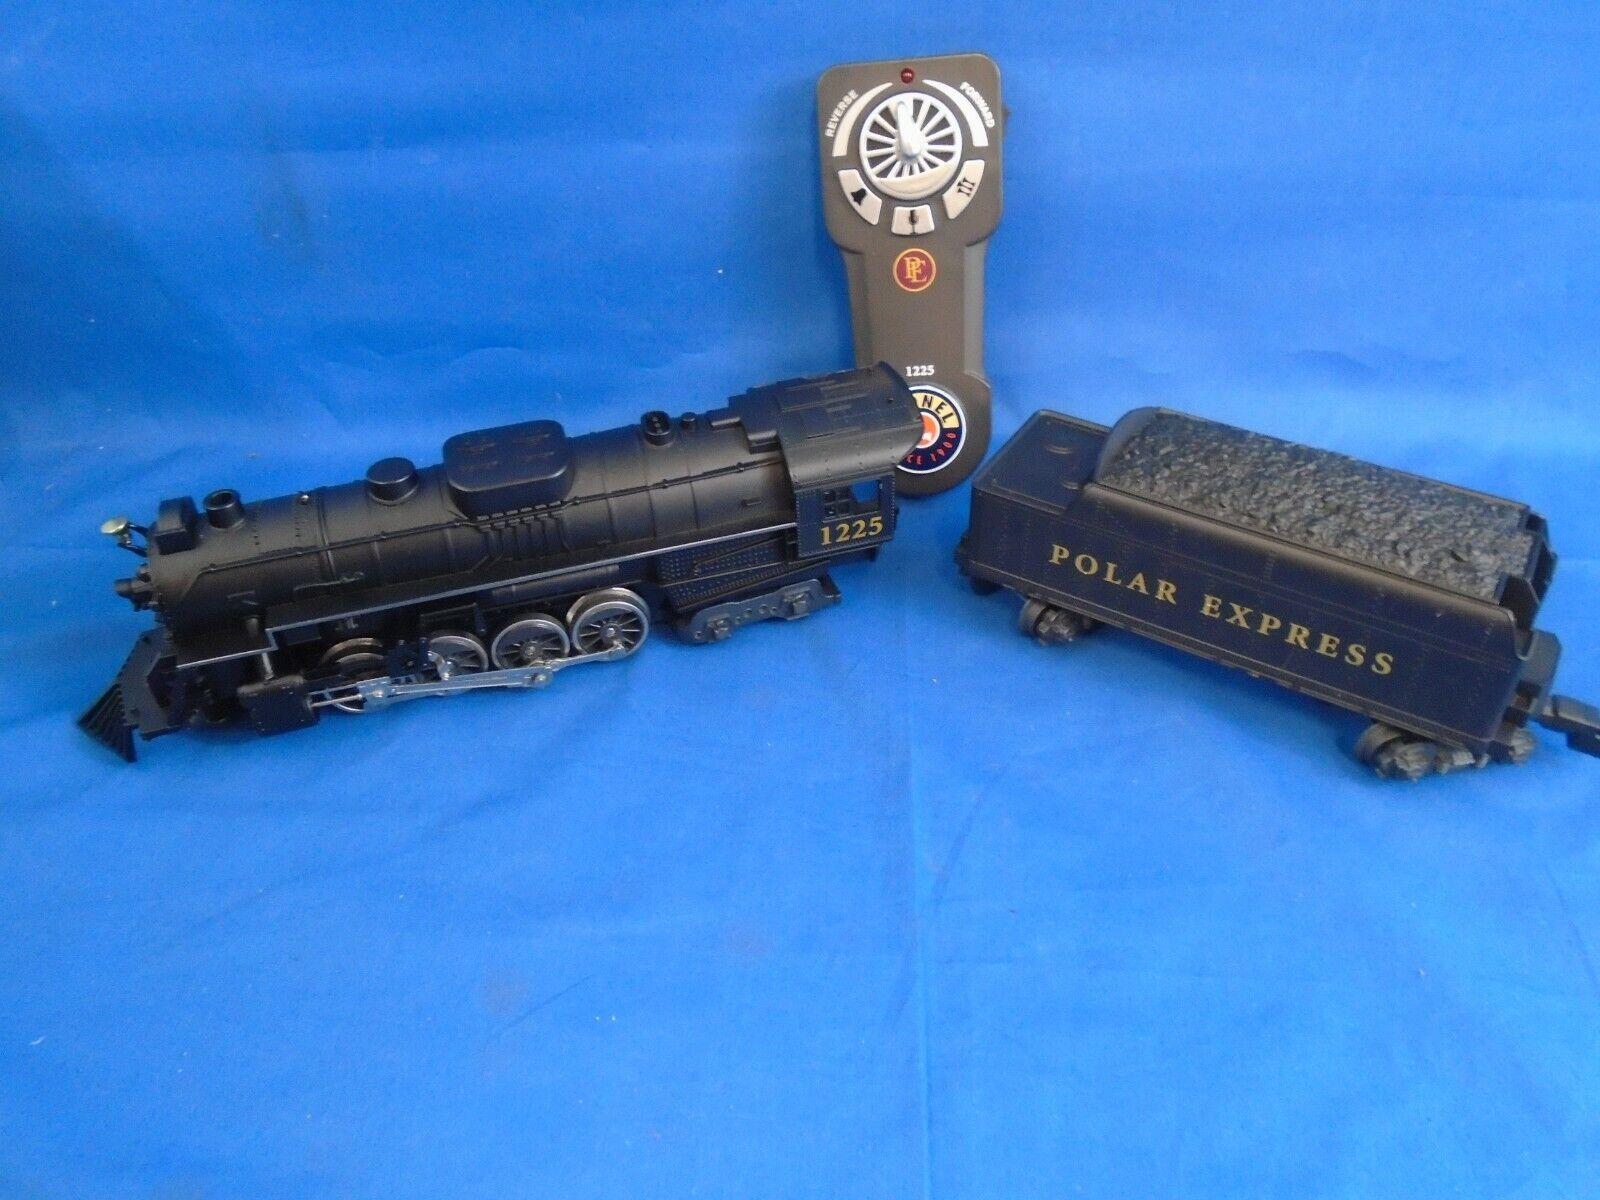 Lionel O Polar Express ENGINE legale & Remote 684328 non divertimentozionante pezzi di ricambio